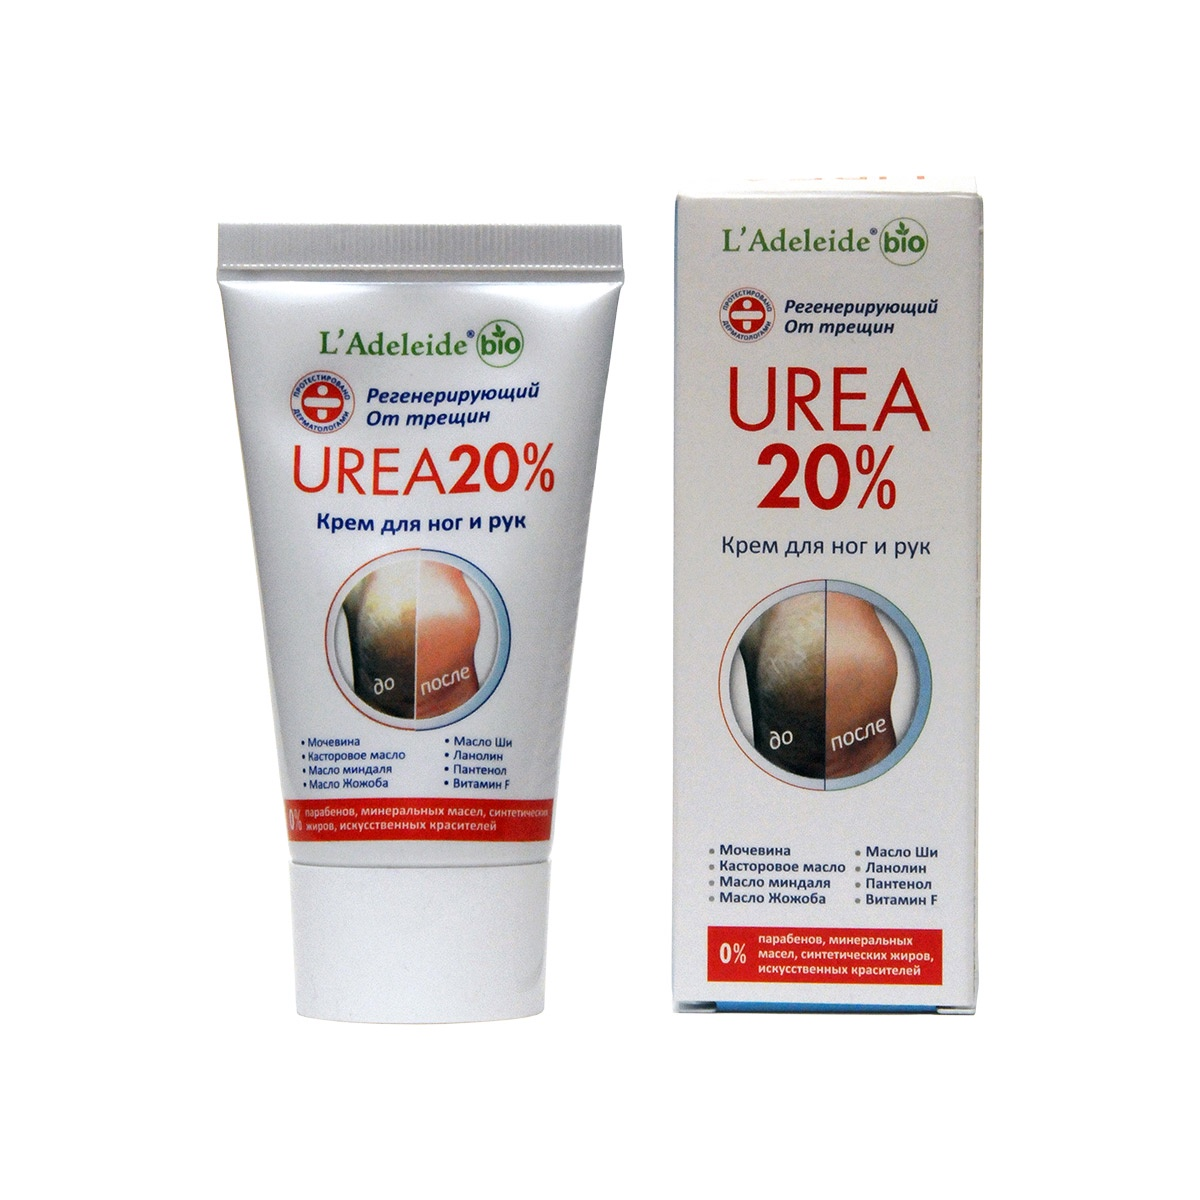 """Косметический крем LAdeleide UREA 20%для ног и рук , 50 млКС-325Косметический крем для ног и рук UREA 20 % оказывает регенерирующее действие, помогает избавиться от мозолей и от трещин. Инновационная формула содержит мочевину в высокой концентрации (20%), обладающую выраженным кератолитическим действием. Крем с мочевиной обеспечивает ощутимый размягчающий и увлажняющий эффект сразу после первого применения: мгновенно восполняет недостаток влаги, огрубевшая кожа смягчается. При регулярном использовании предупреждает шелушение, снимает симптомы раздражения, предотвращает образование избыточного ороговения, а также защищает кожу от образования трещин и мозолей. Подходит для сухих участков тела: ступни, ладони, локти, колени, которым обычного увлажнения не хватает. Может использоваться в средствах для ухода за ногтями, эффективно смягчает кутикулу. • восстанавливает структуру кожных покровов; • удаляет омертвевшие клетки; • увлажняет; • повышает упругость и эластичность кожи. UREA (Мочевина) – это натуральный увлажняющий компонент, прекрасный проводник биологически-активных веществ. Если коже не хватает собственной мочевины, она становится сухой, особенно в области ступней, кожа трескается, шелушится, появляются натоптыши и мозоли, возможно развитие глубоких трещин, которые в свою очередь инфицируются, что особенно недопустимо у лиц, страдающих сахарным диабетом (т. н. """"синдром диабетической стопы"""")."""